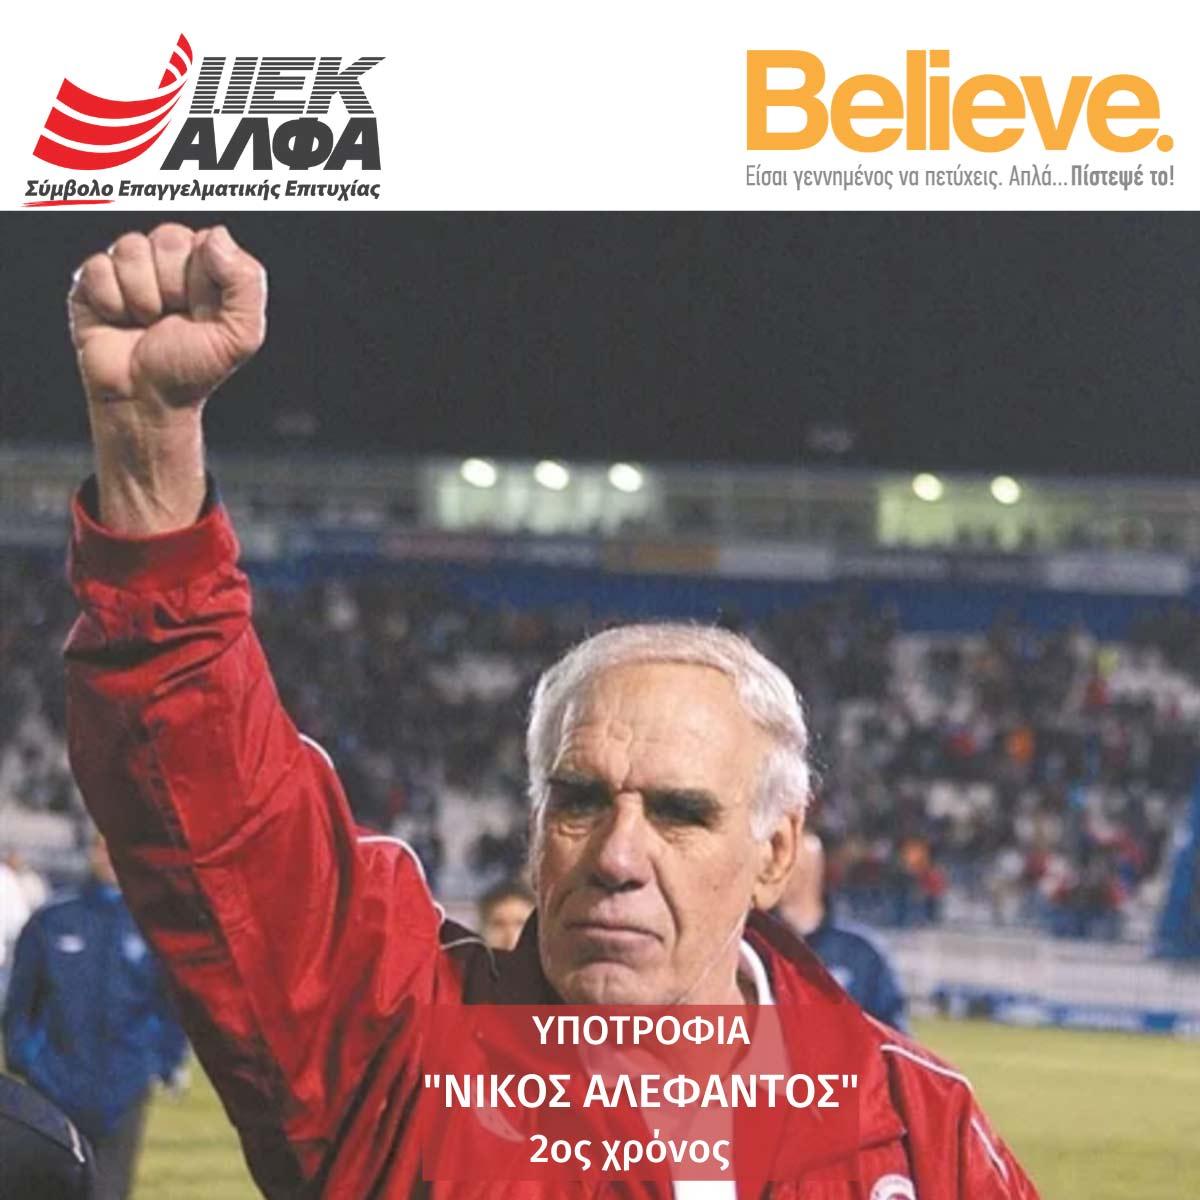 «Υποτροφία Νίκος Αλέφαντος» για Σπουδές Προπονητικής στο ΙΕΚ ΑΛΦΑ